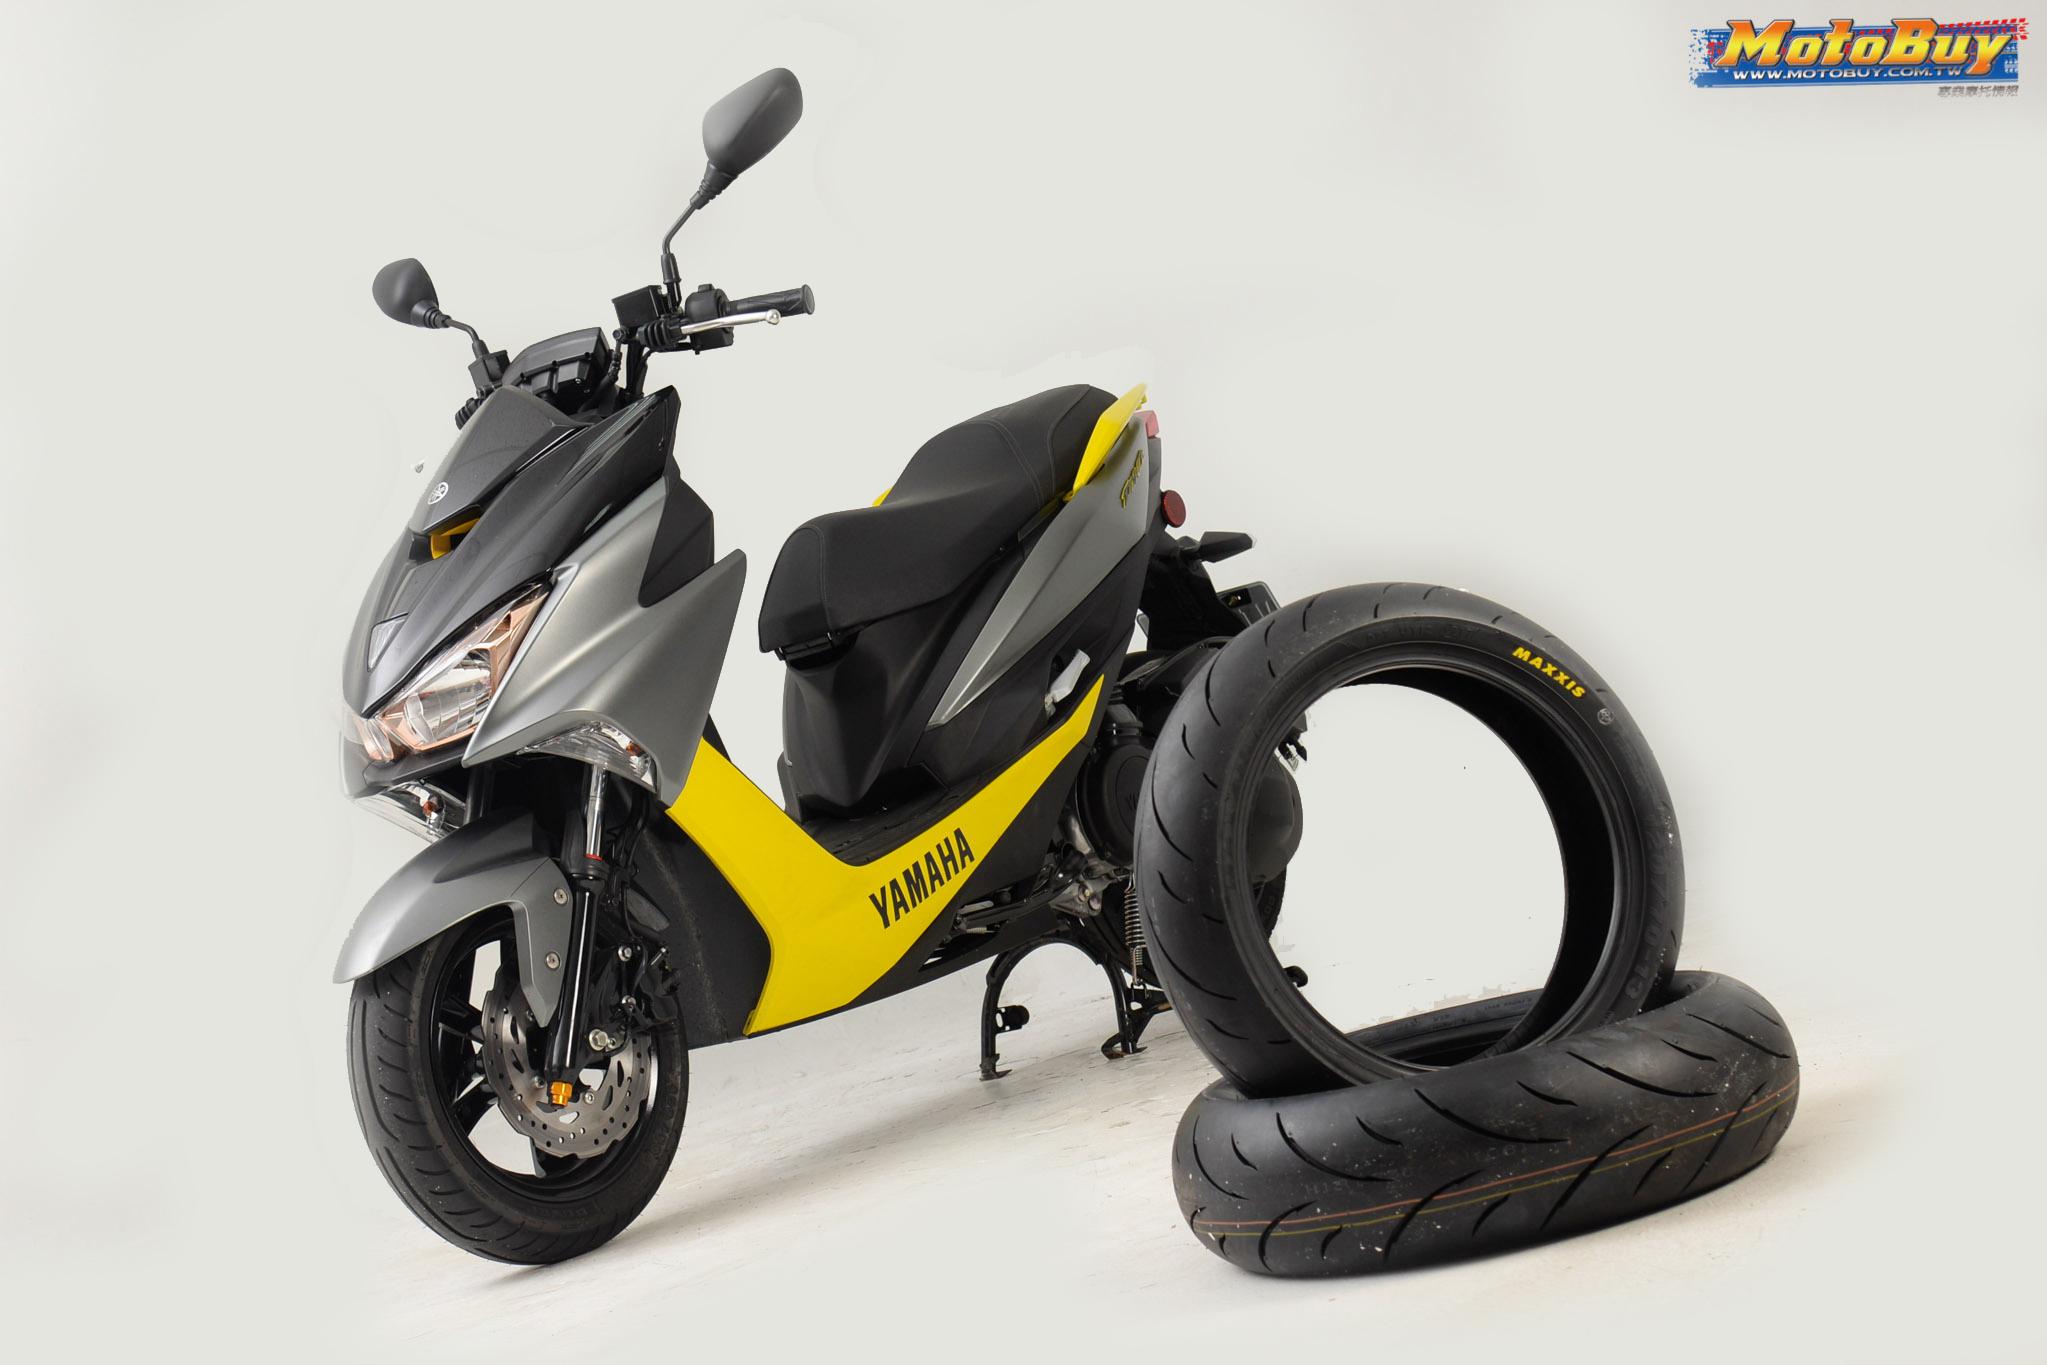 [部品情報] 動態升級!國產性能胎始祖 - MAXXIS R1 13-inch | MotoBuy